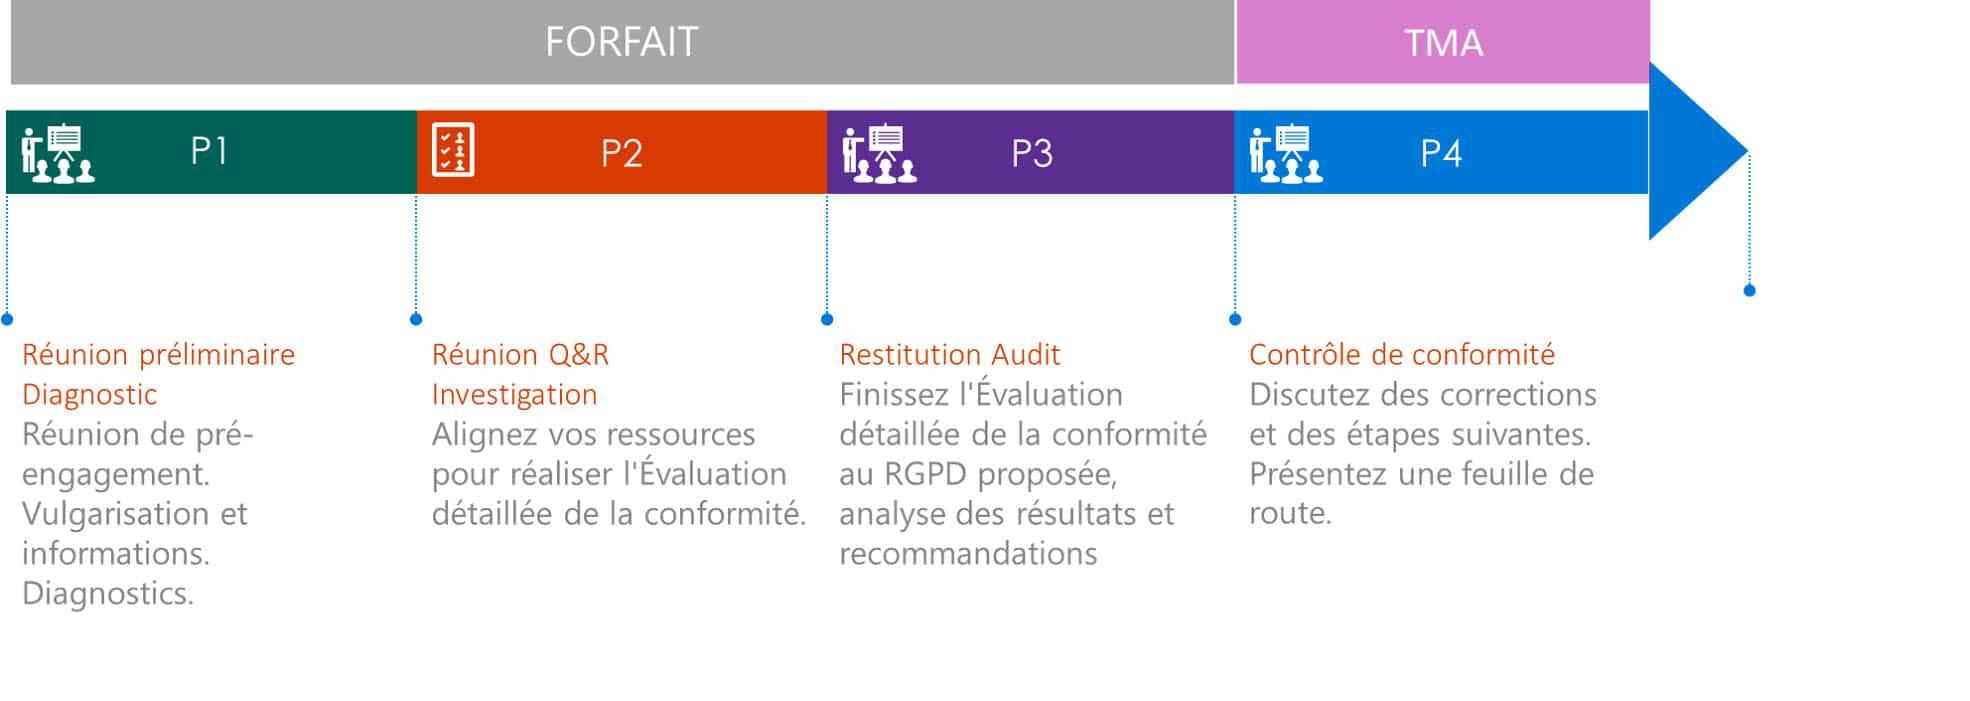 Notre forfait Audit RGPD PME correspond en général aux entreprises de plus de 10 salariés.Il comprend 3 phases pouvant être planifiées sur moins d'un mois.